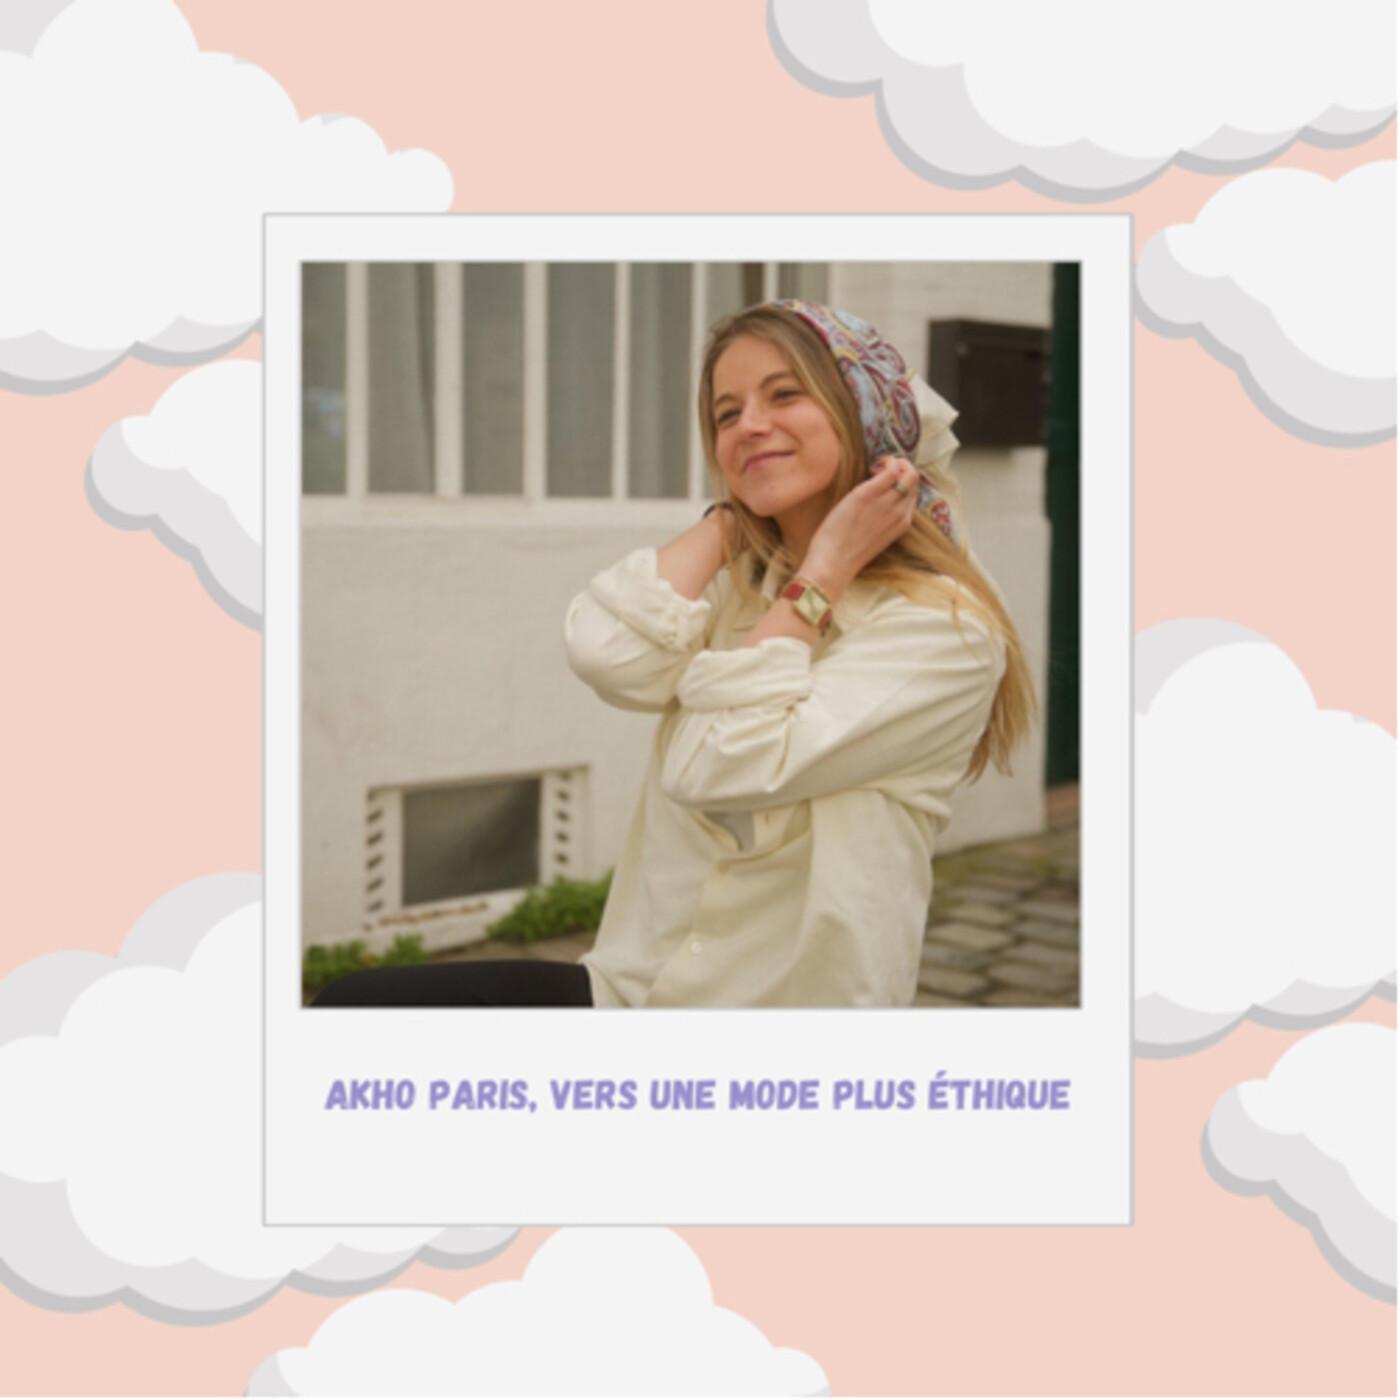 Episode #27 : Akho Paris, vers une mode plus éthique